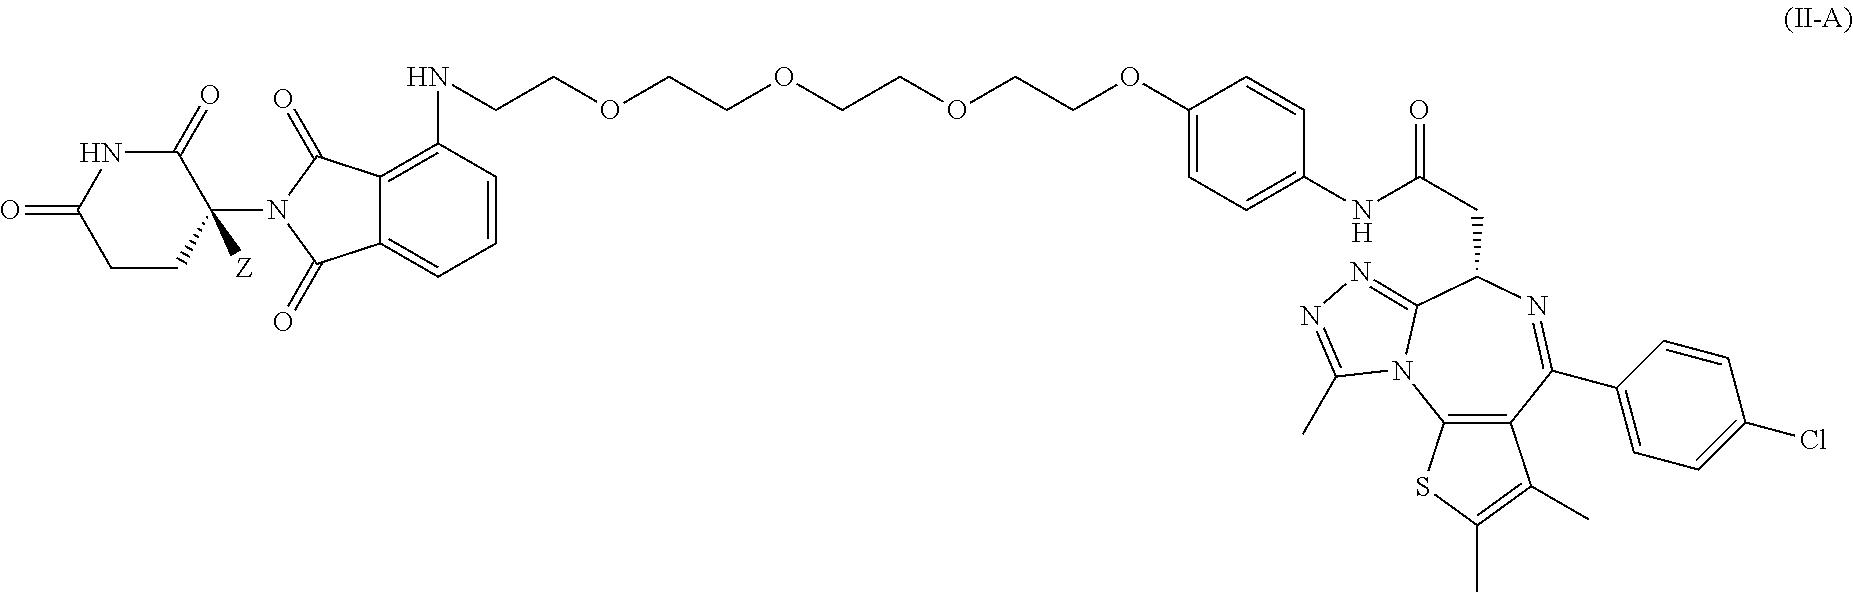 Figure US09809603-20171107-C00023